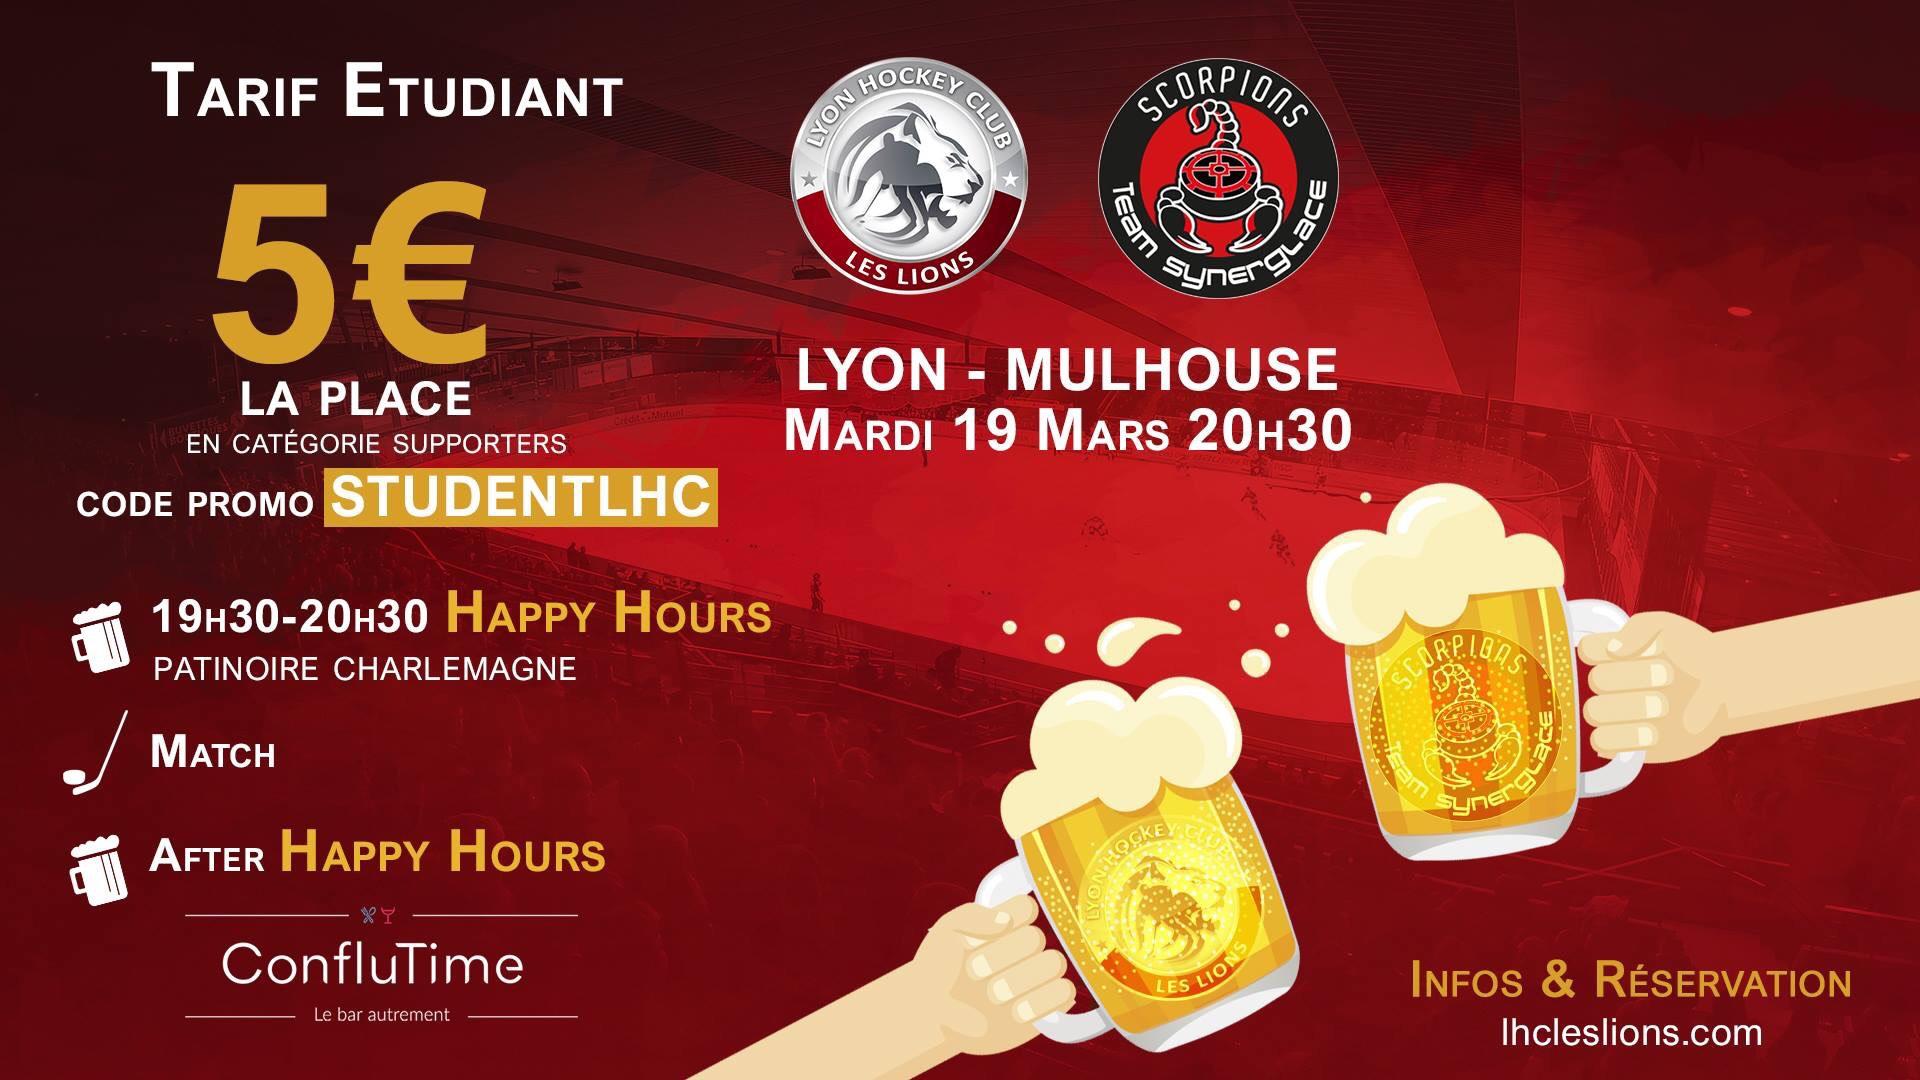 [Étudiants] Billet pour le match de hockey sur glace Lyon Hockey Club Les Lions / Mulhouse Scorpions - le 19 mars 2019 (20h30), à Lyon (69)